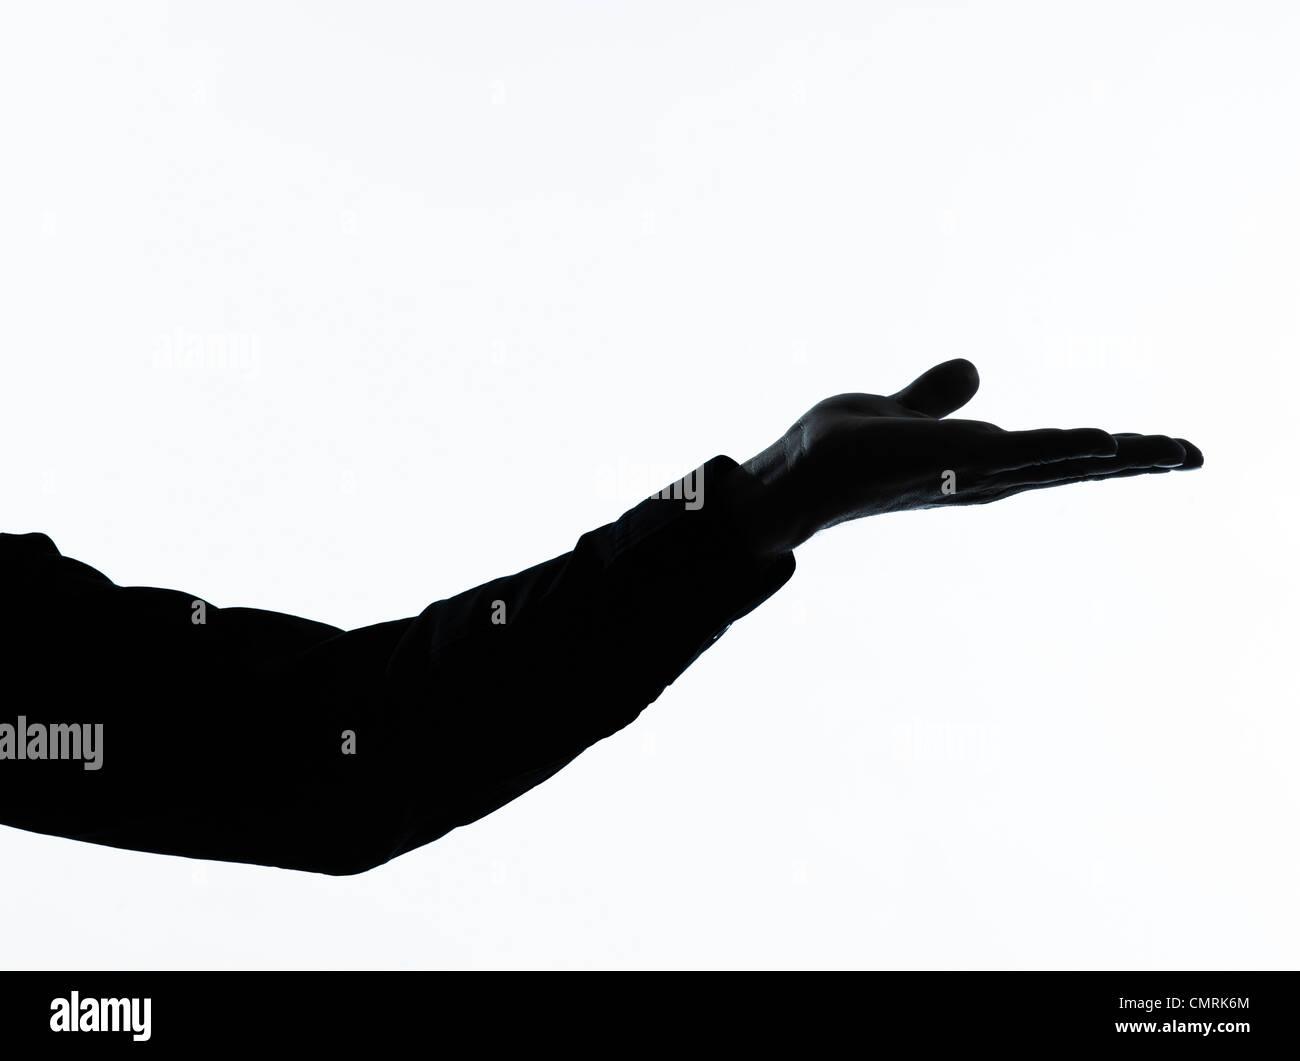 Un uomo caucasico vuota aperta a mano ritratto silhouette in studio isolato su sfondo bianco Immagini Stock